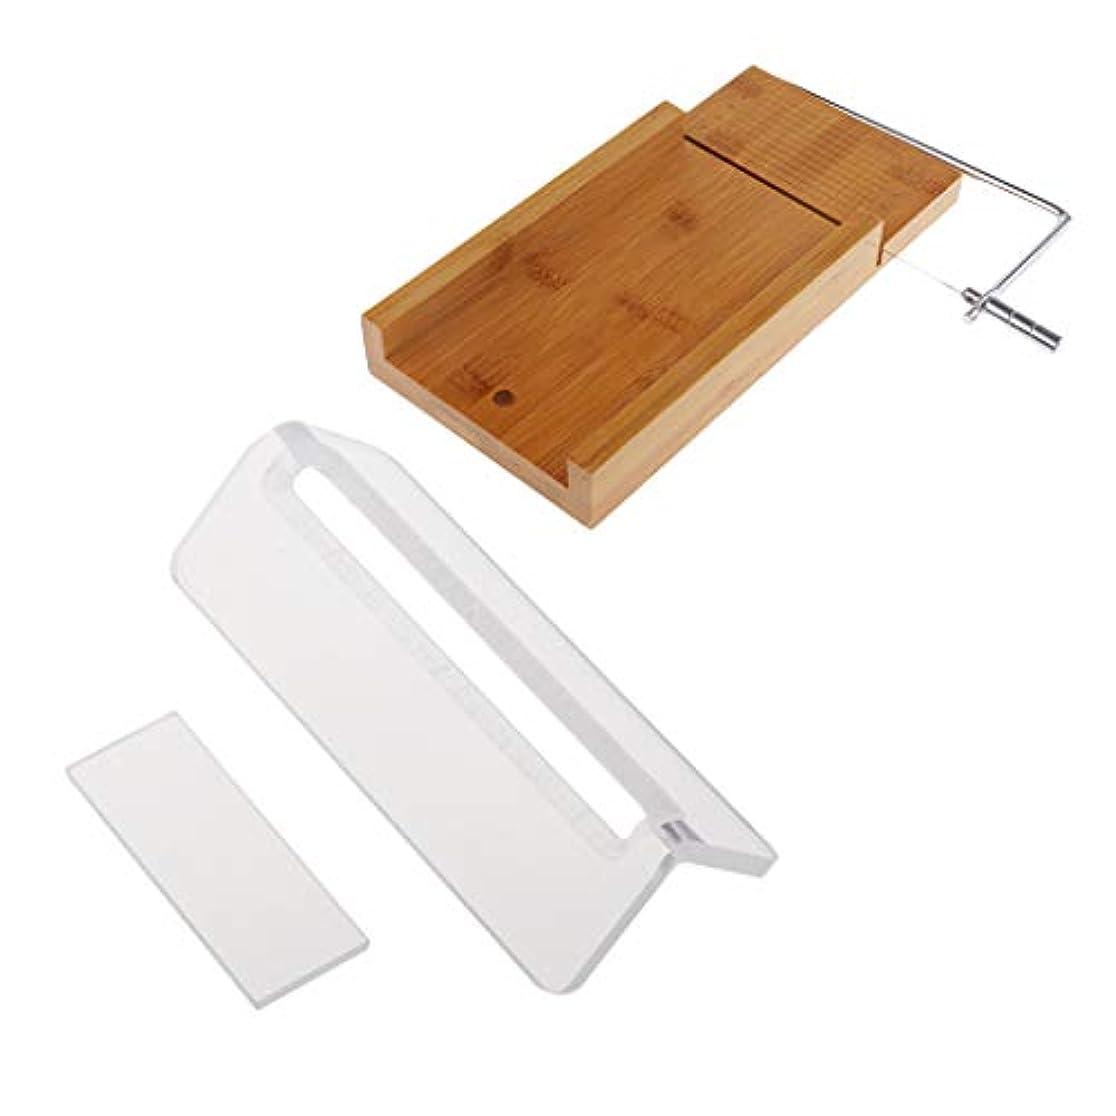 展示会愛撫安心ローフカッター 木製 ソープ包丁 石鹸カッター 手作り石鹸 DIY キッチン用品 2個入り